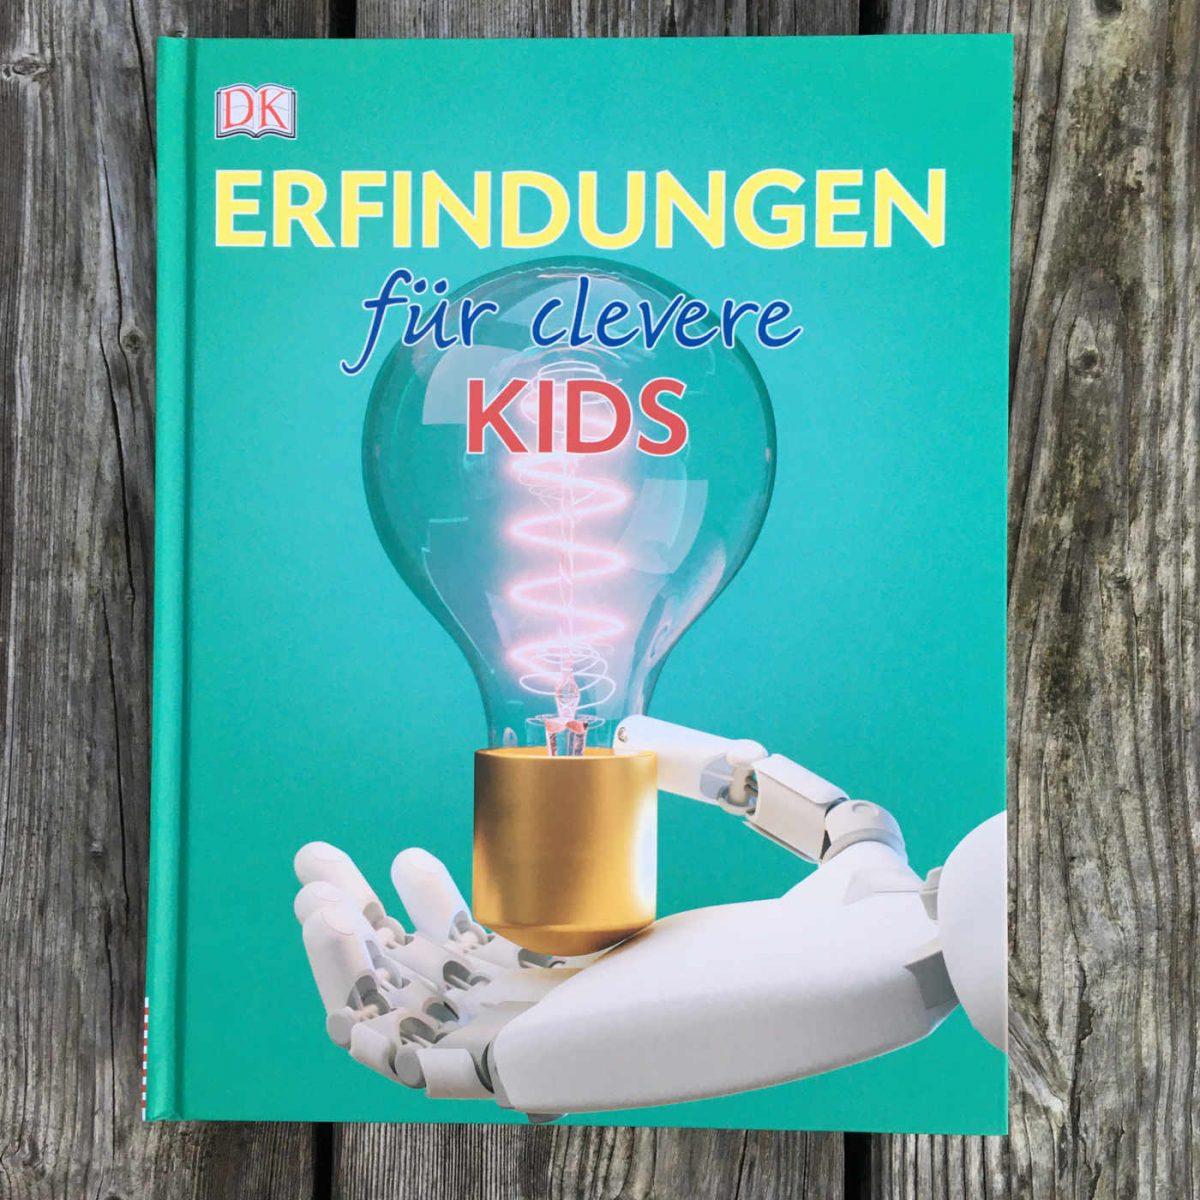 Super Kindersachbuch über ErfinderInnen und Erfindungen